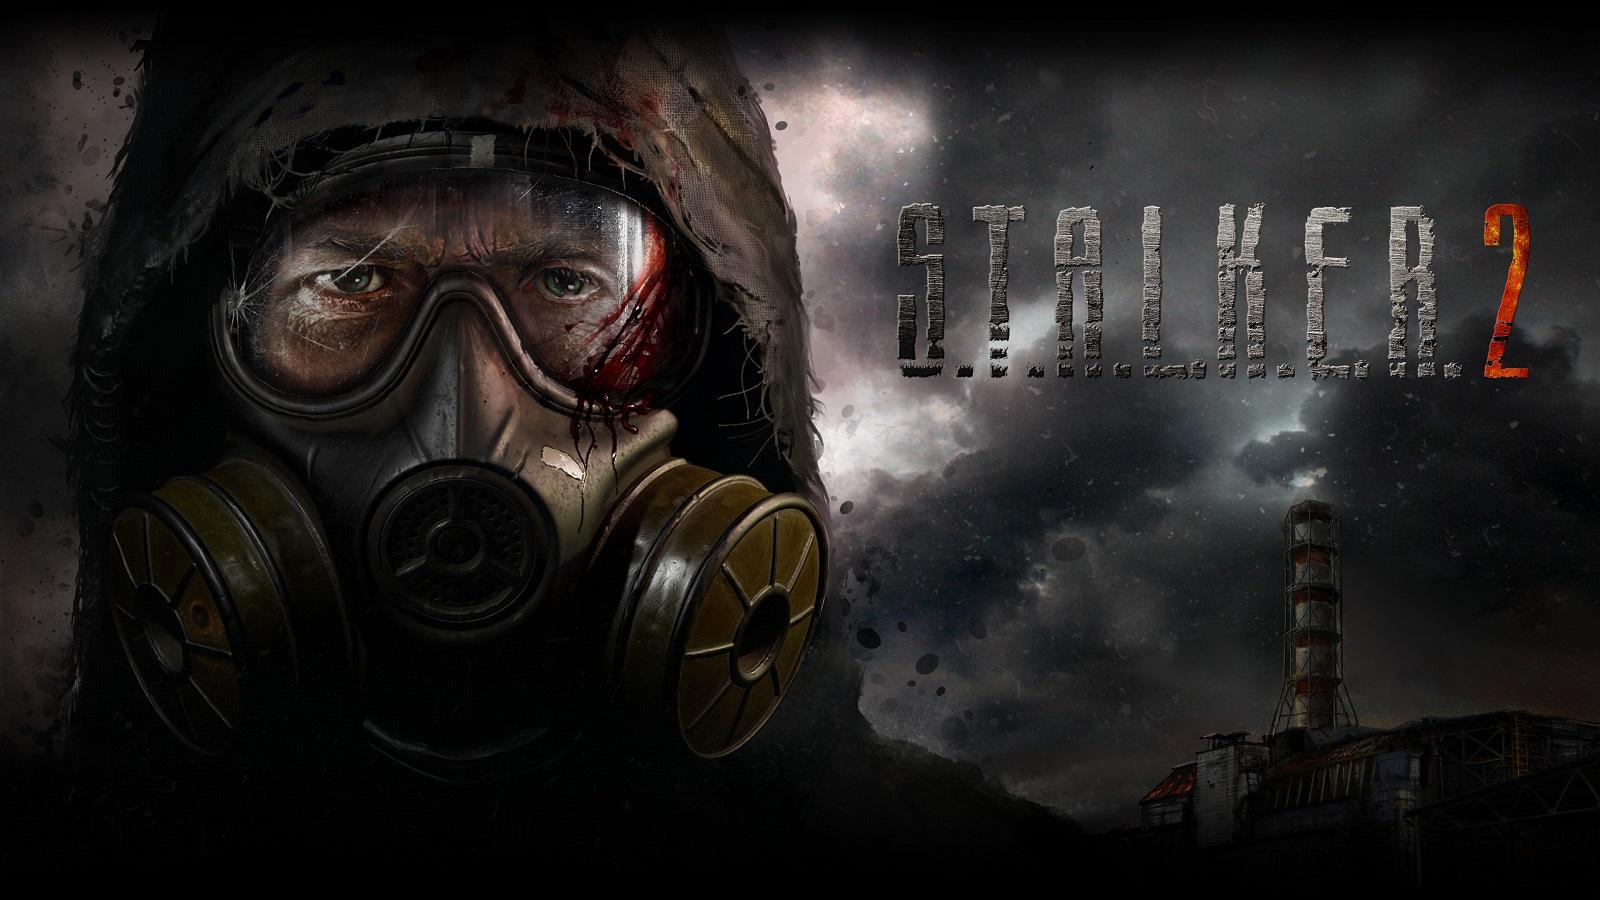 Утечка: S.T.A.L.K.E.R. 2 пробудет консольным эксклюзивом Xbox три месяца, а выход игры был запланирован на конец года